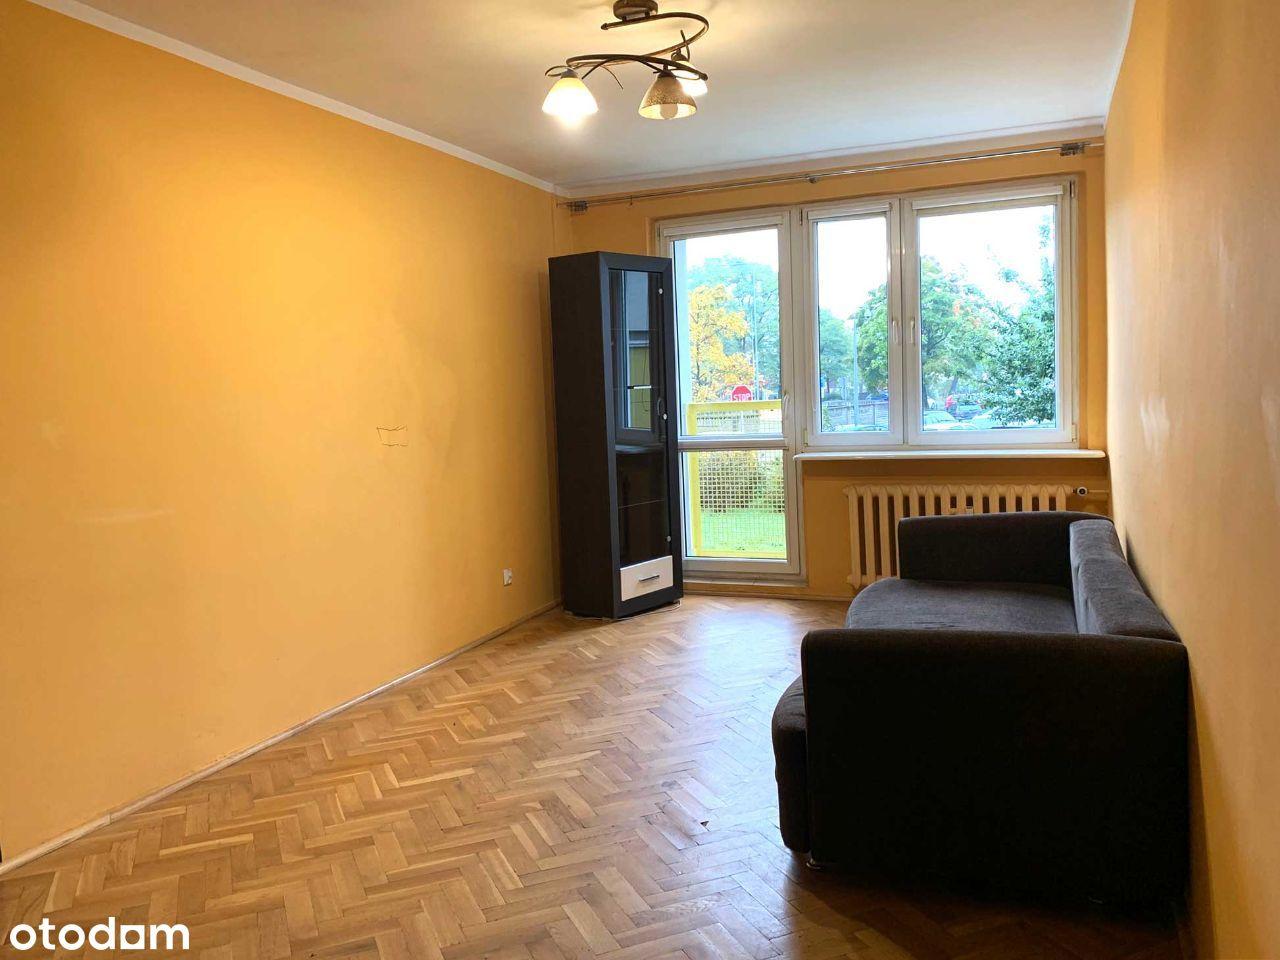 Bezpośrednio 2 pokoje 38m2. Ładny blok. Pod Lipami